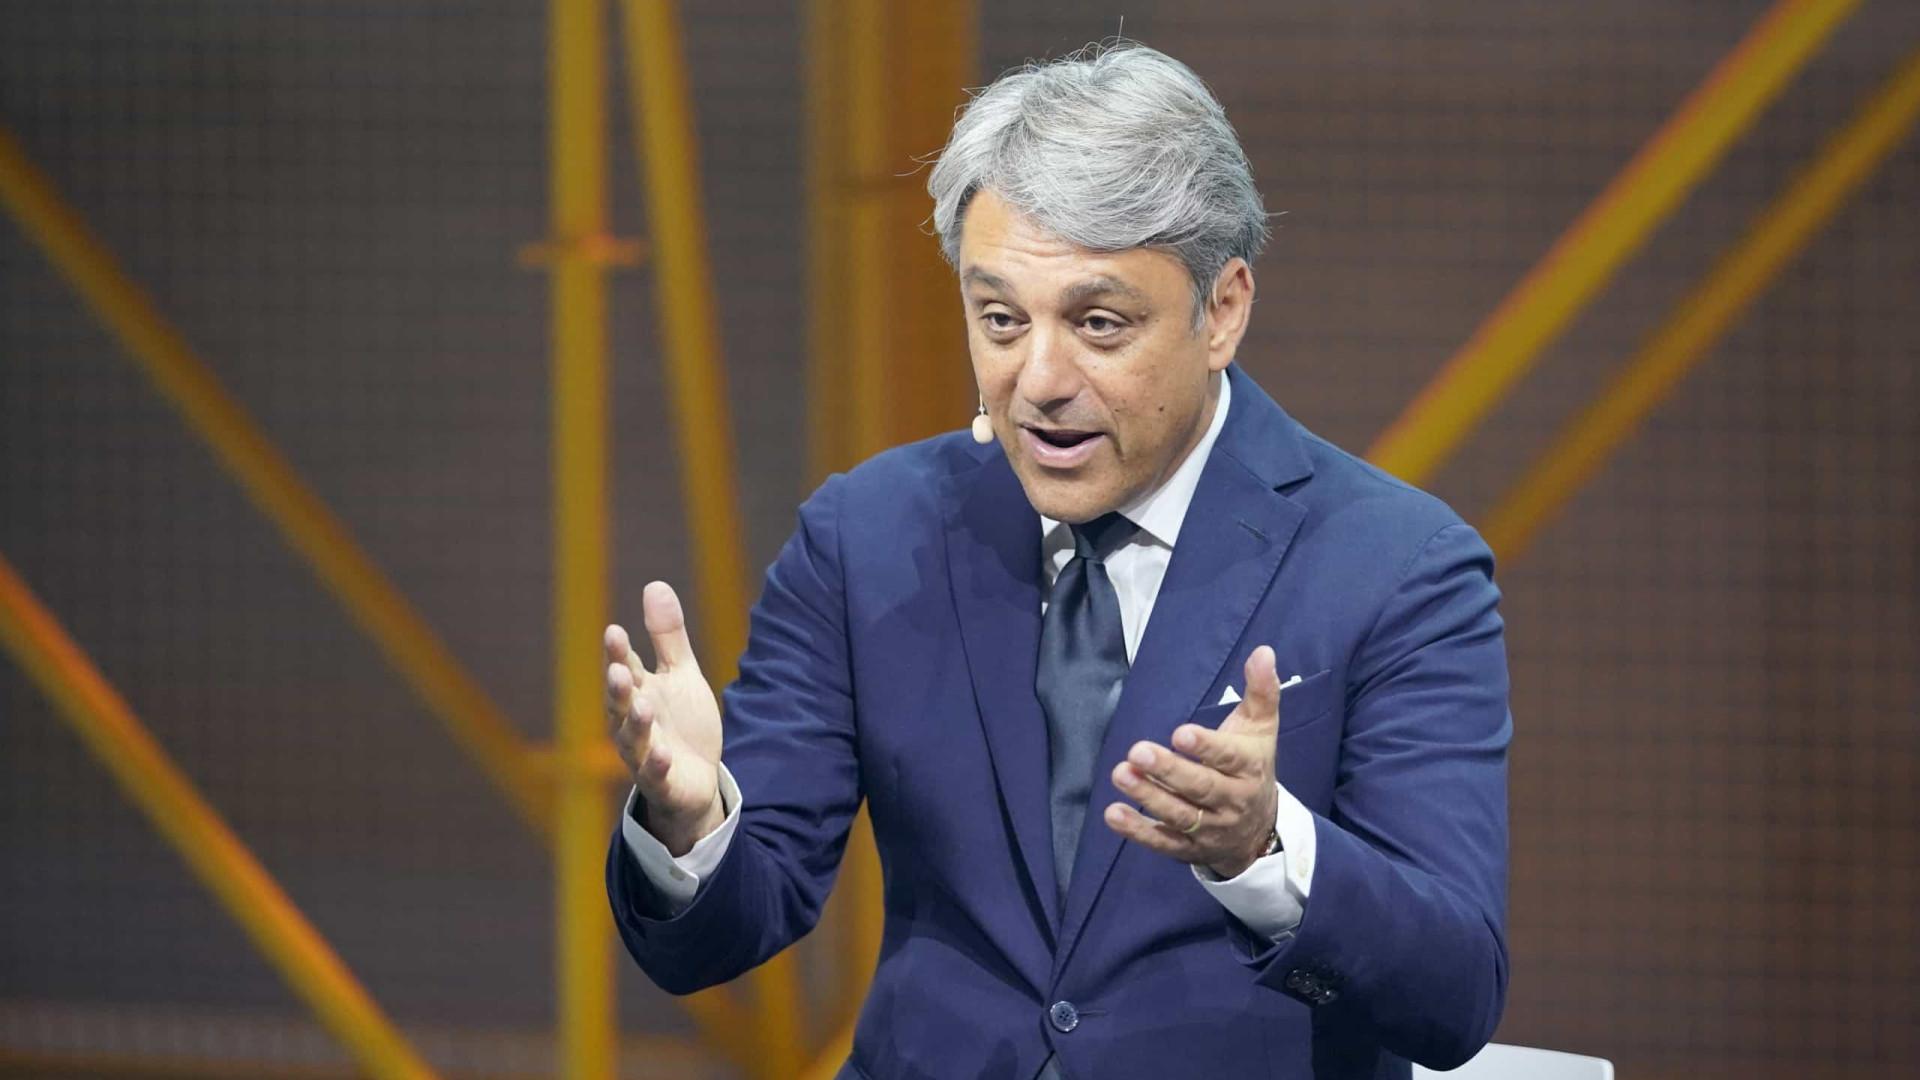 Luca de Meo vai ser diretor-geral da Renault a partir de julho